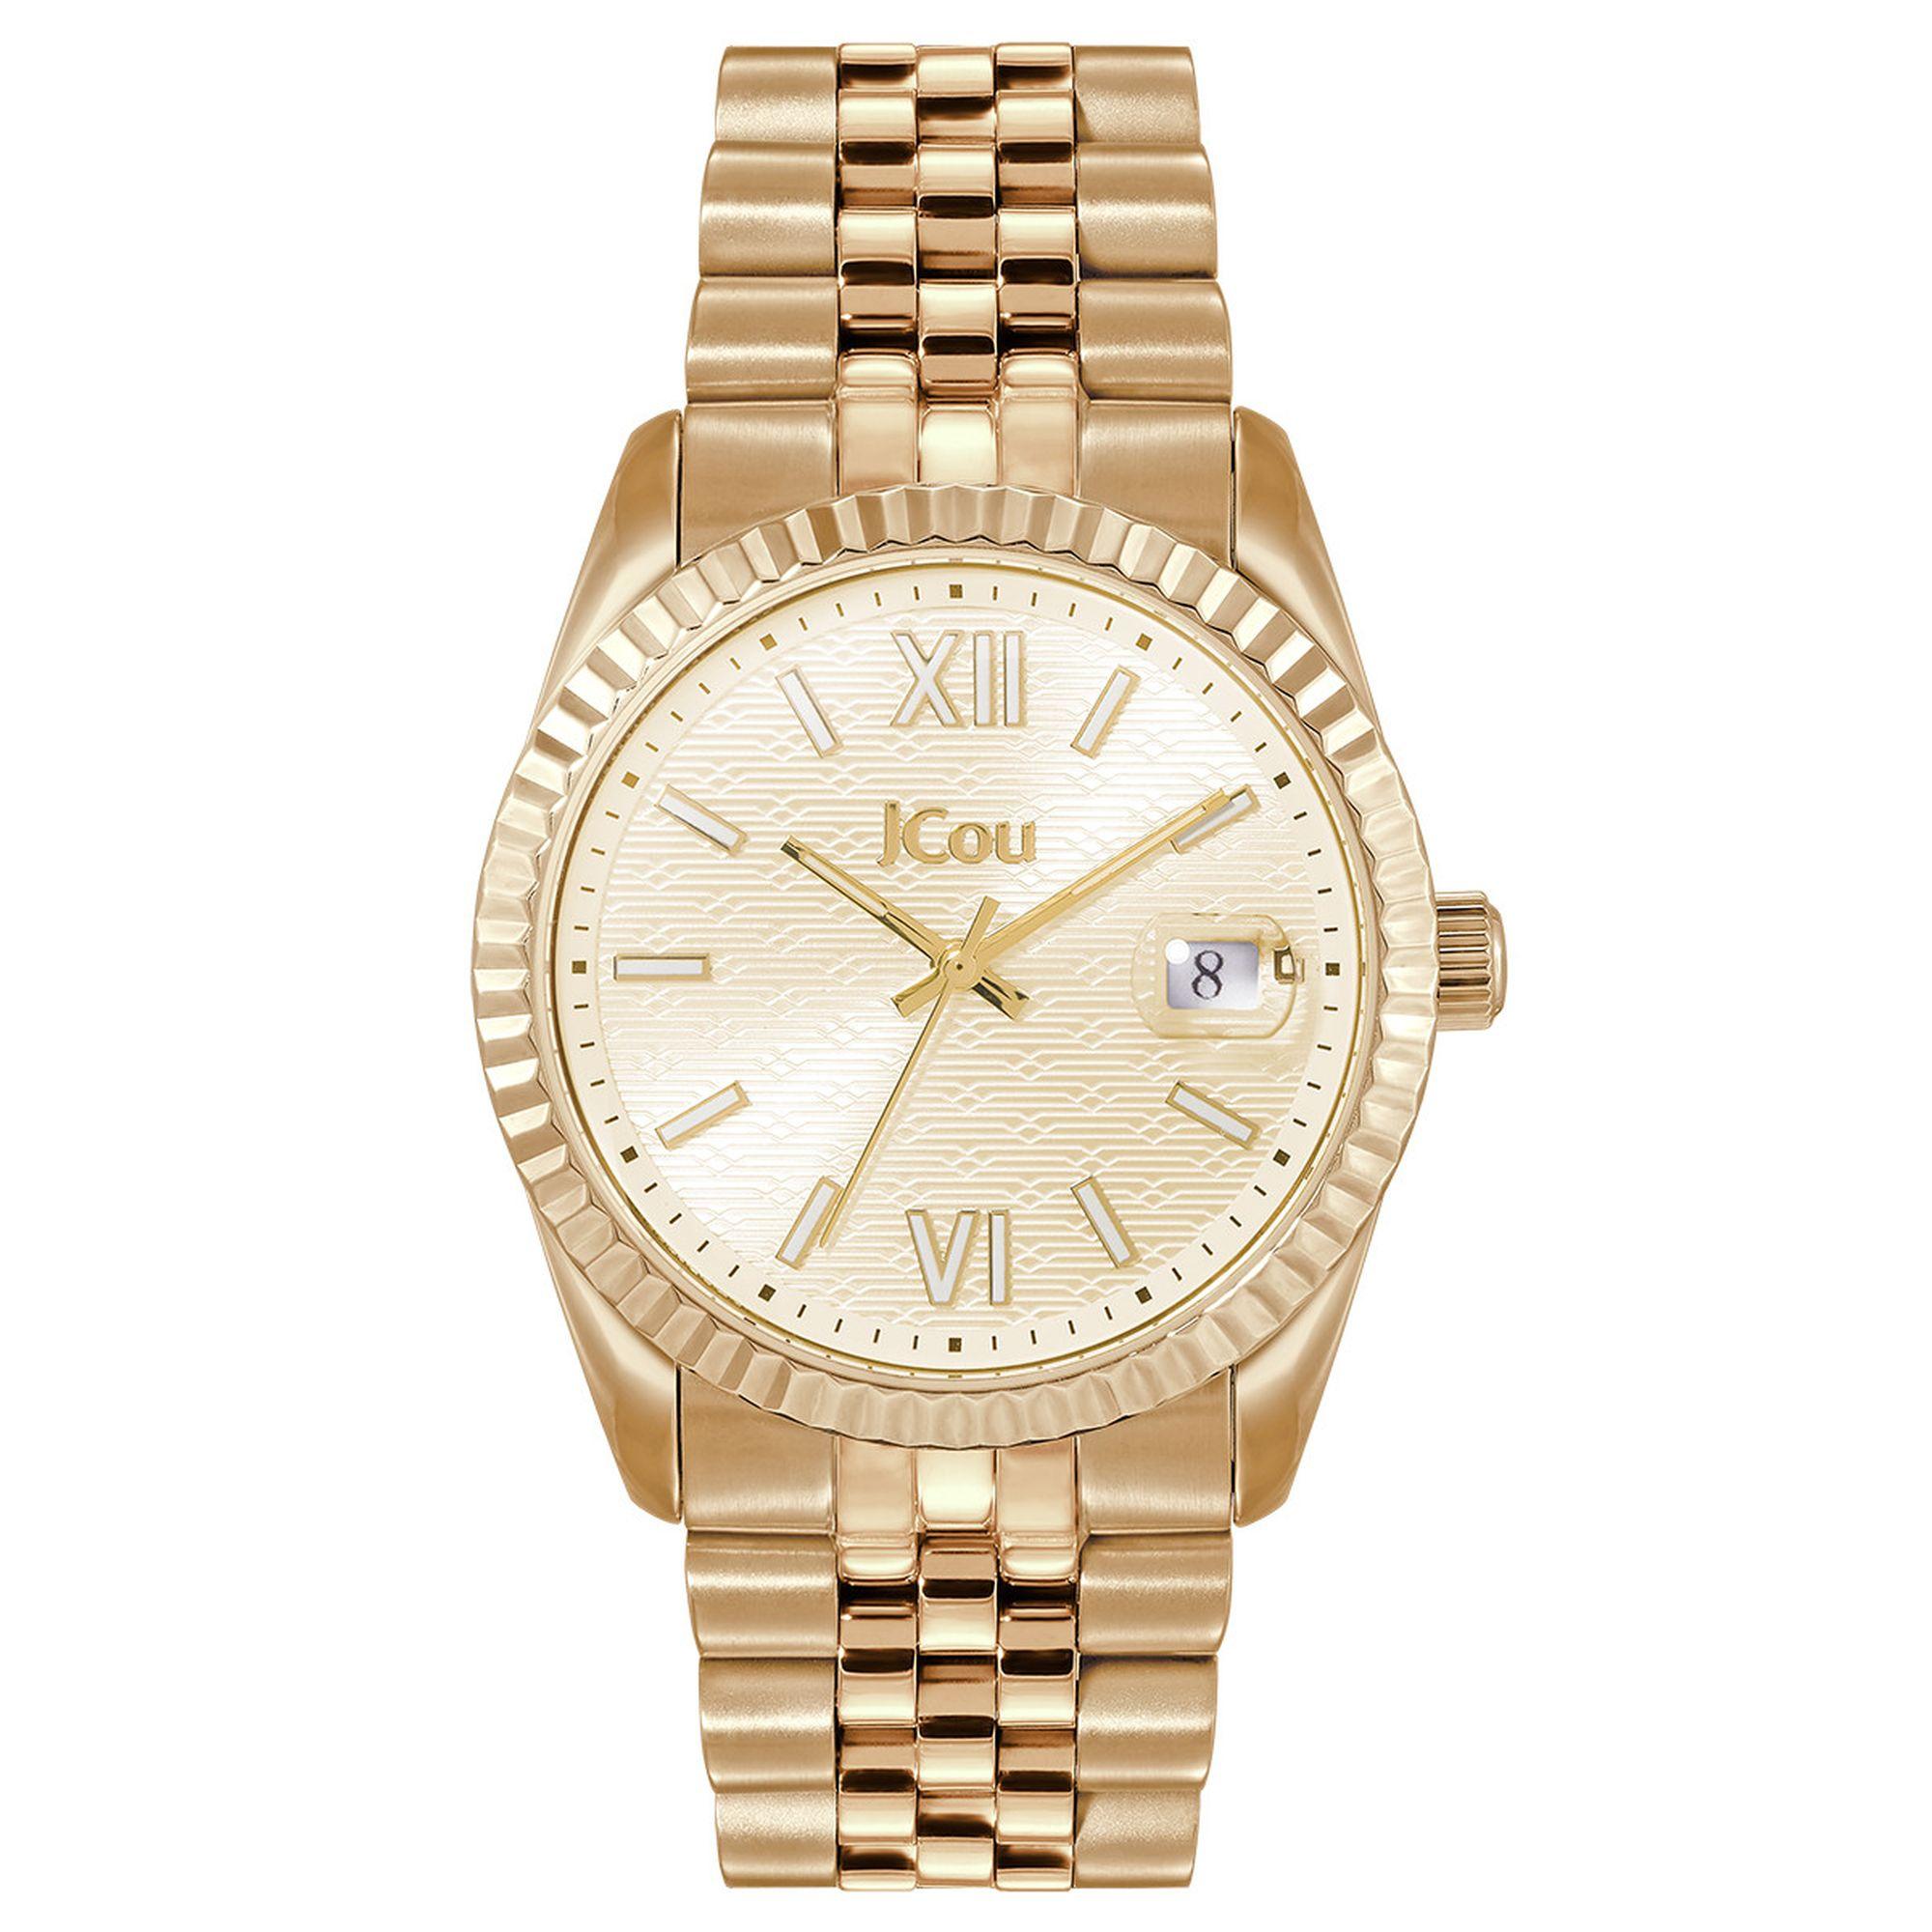 Ρολόι, Ρολόγια, Χρυσό Μπρασελέ, JCou, Αδιάβροχα ρολόι, γυναικείο ρολόι,